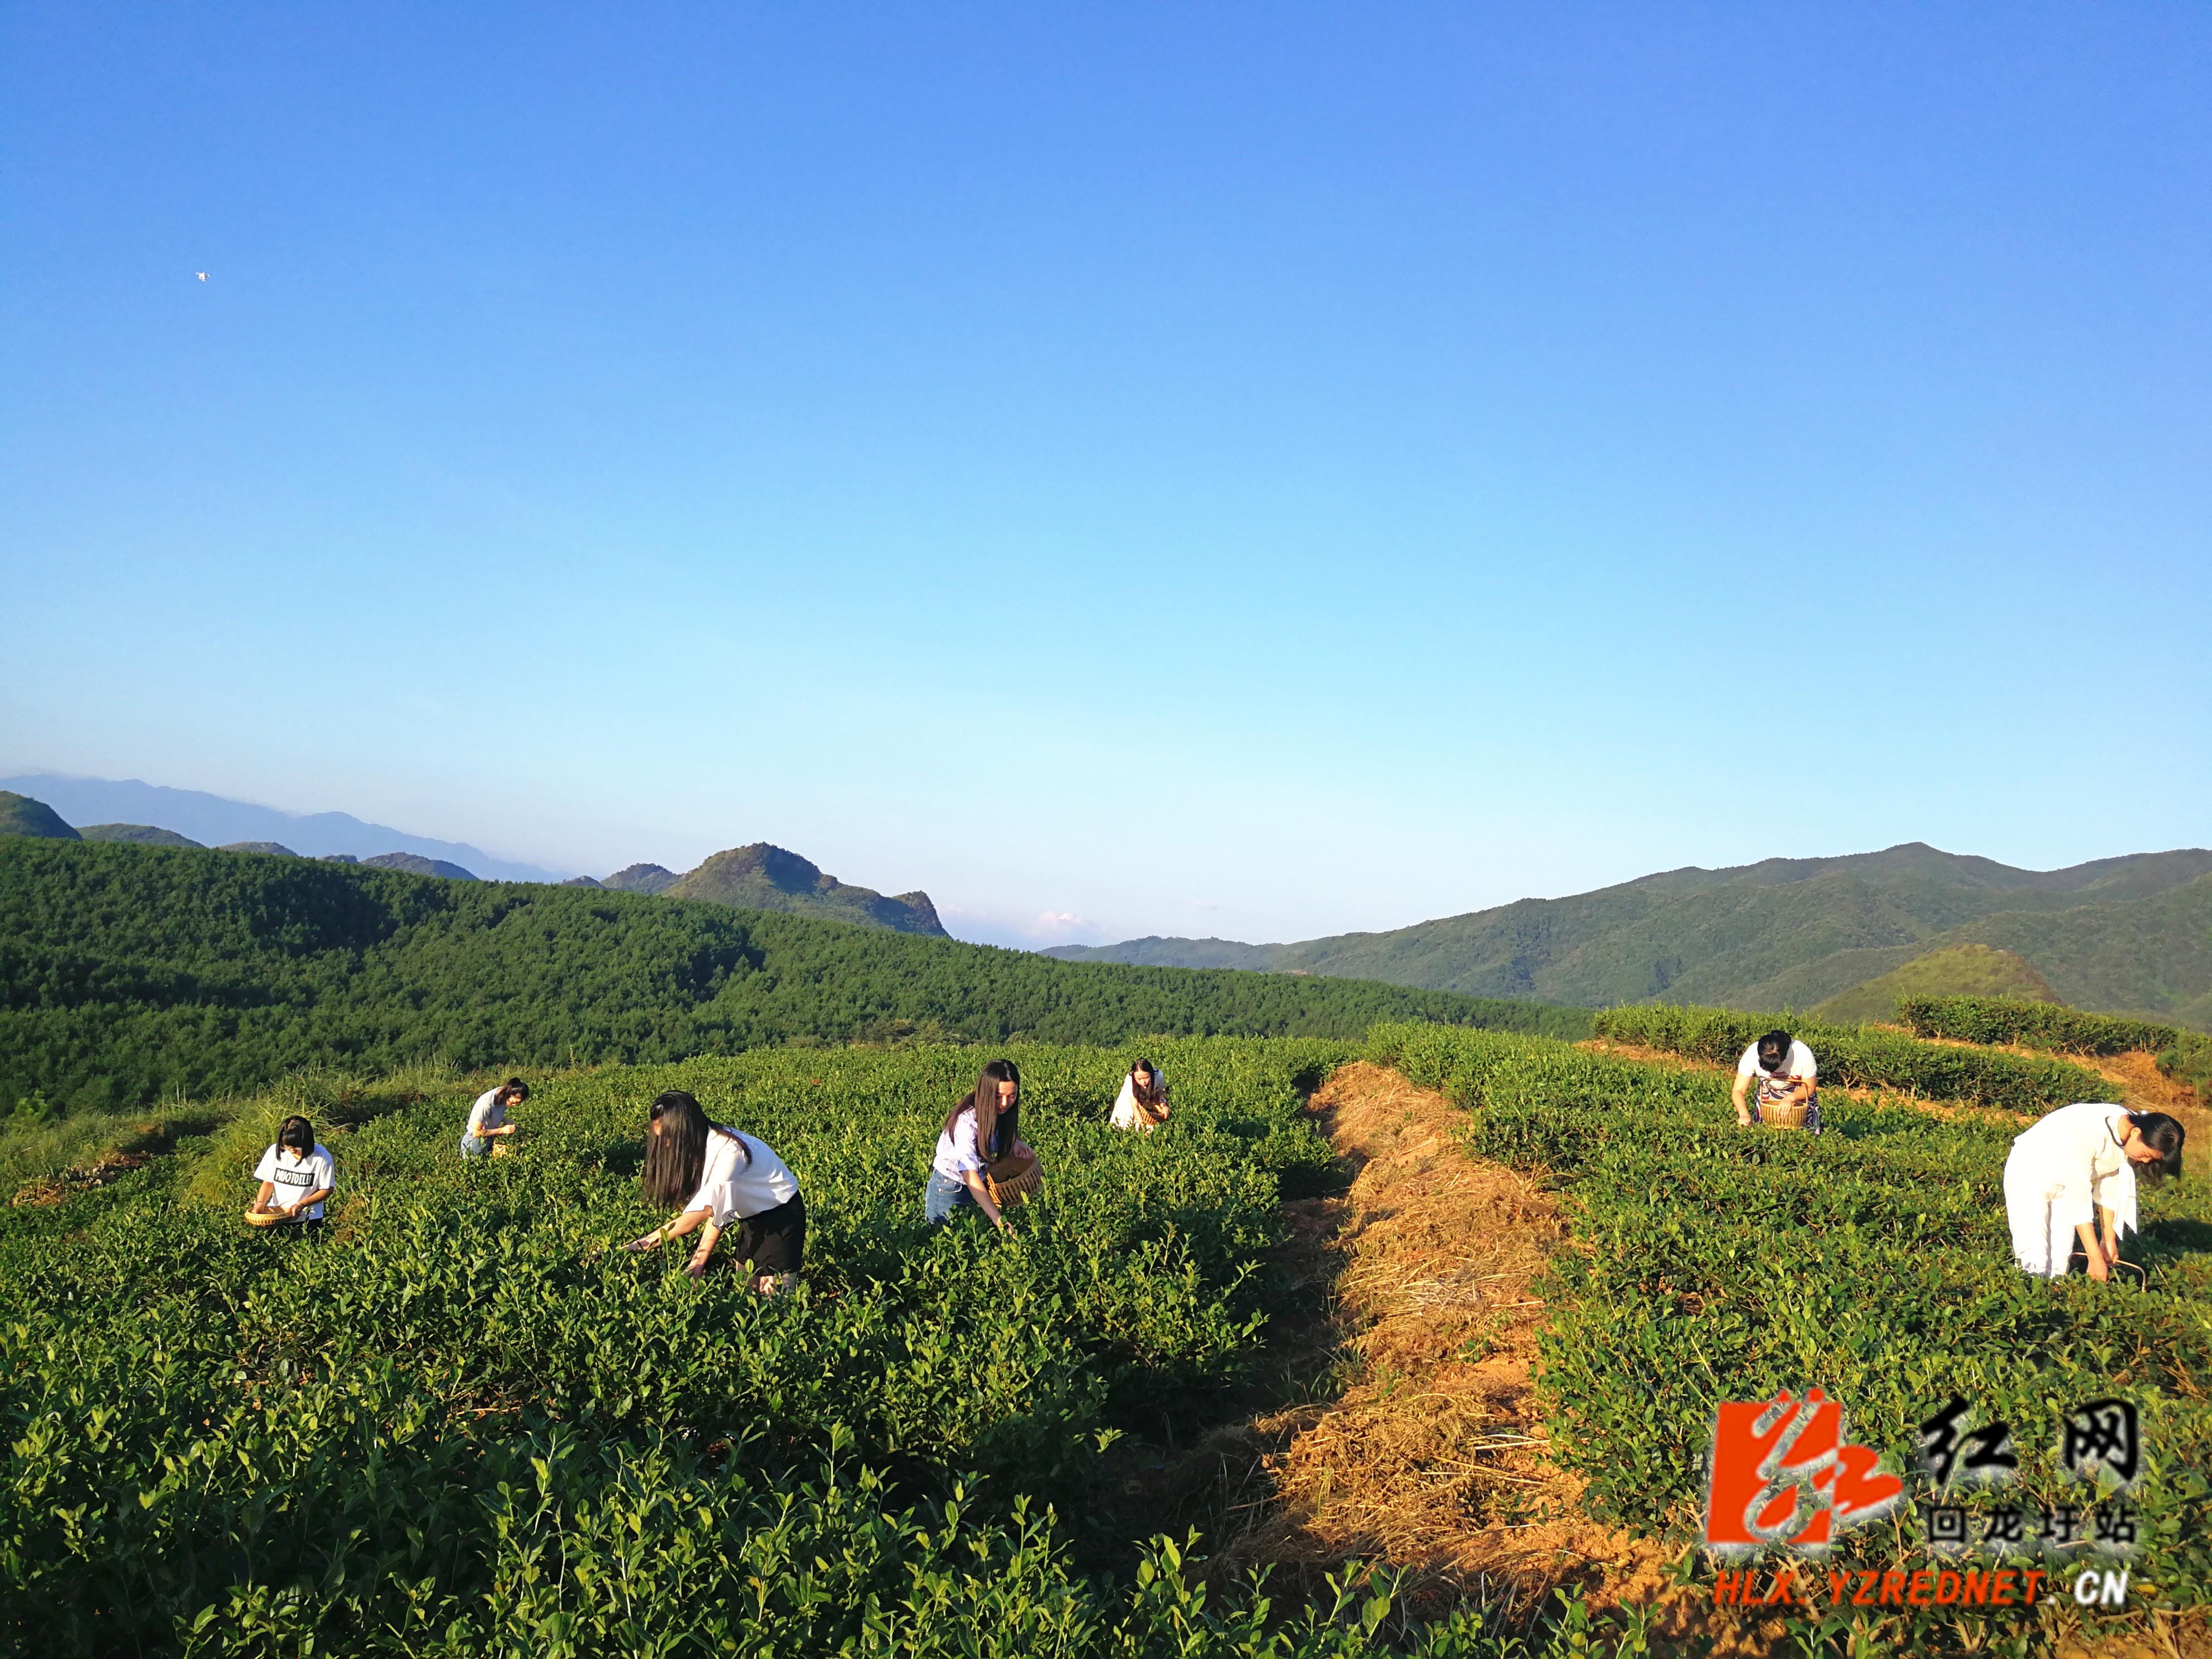 回龙圩:千亩生态茶成美丽风景画